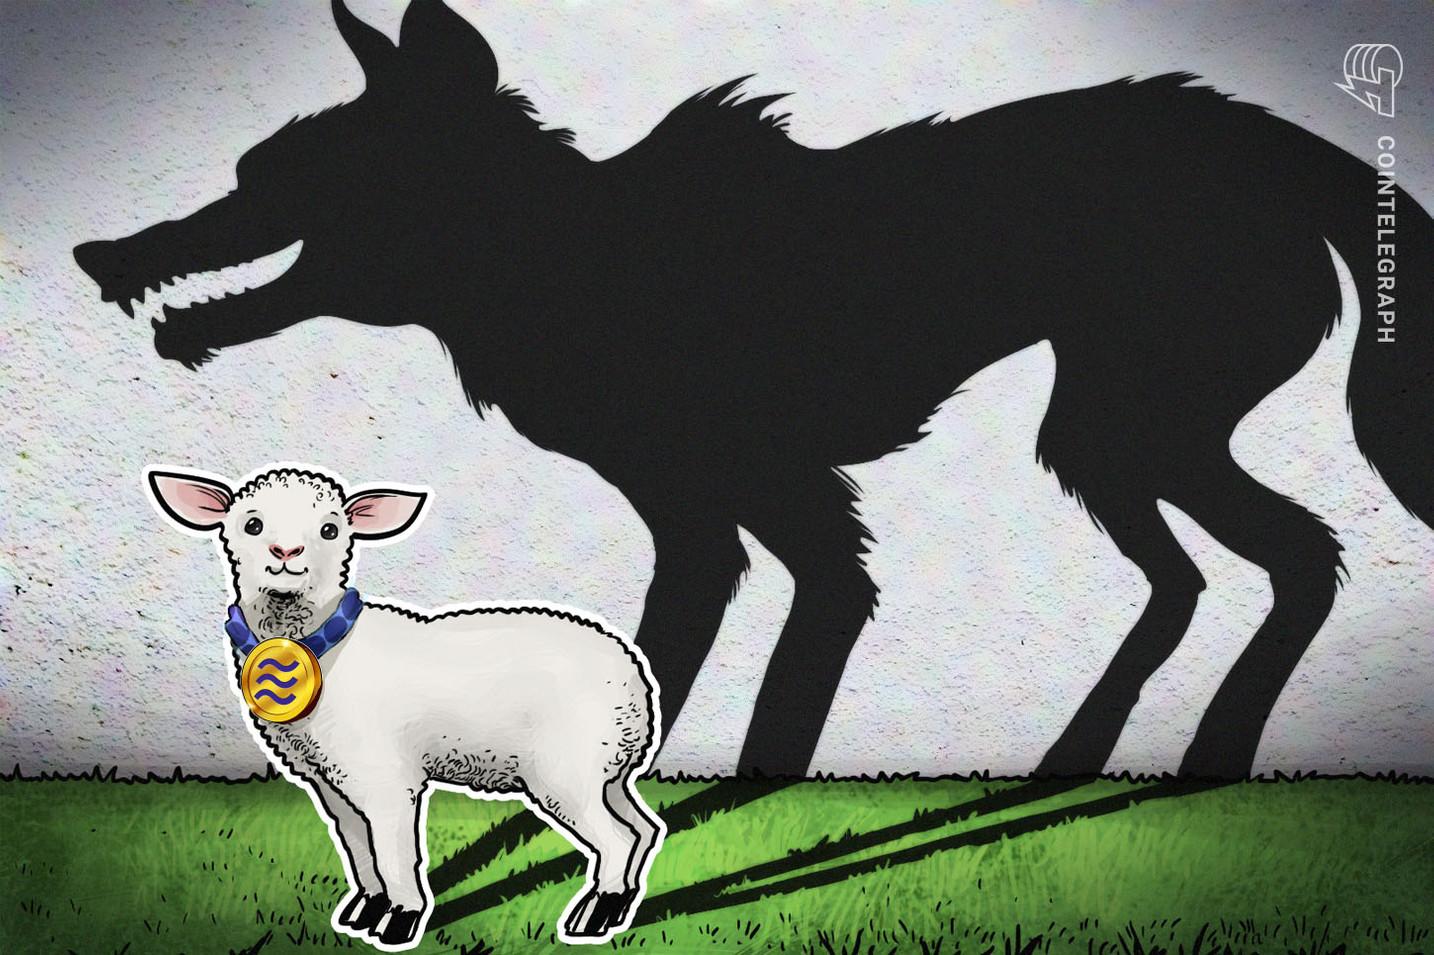 El senador Brown sobre Libra: 'Una receta para un mayor poder corporativo sobre los mercados'